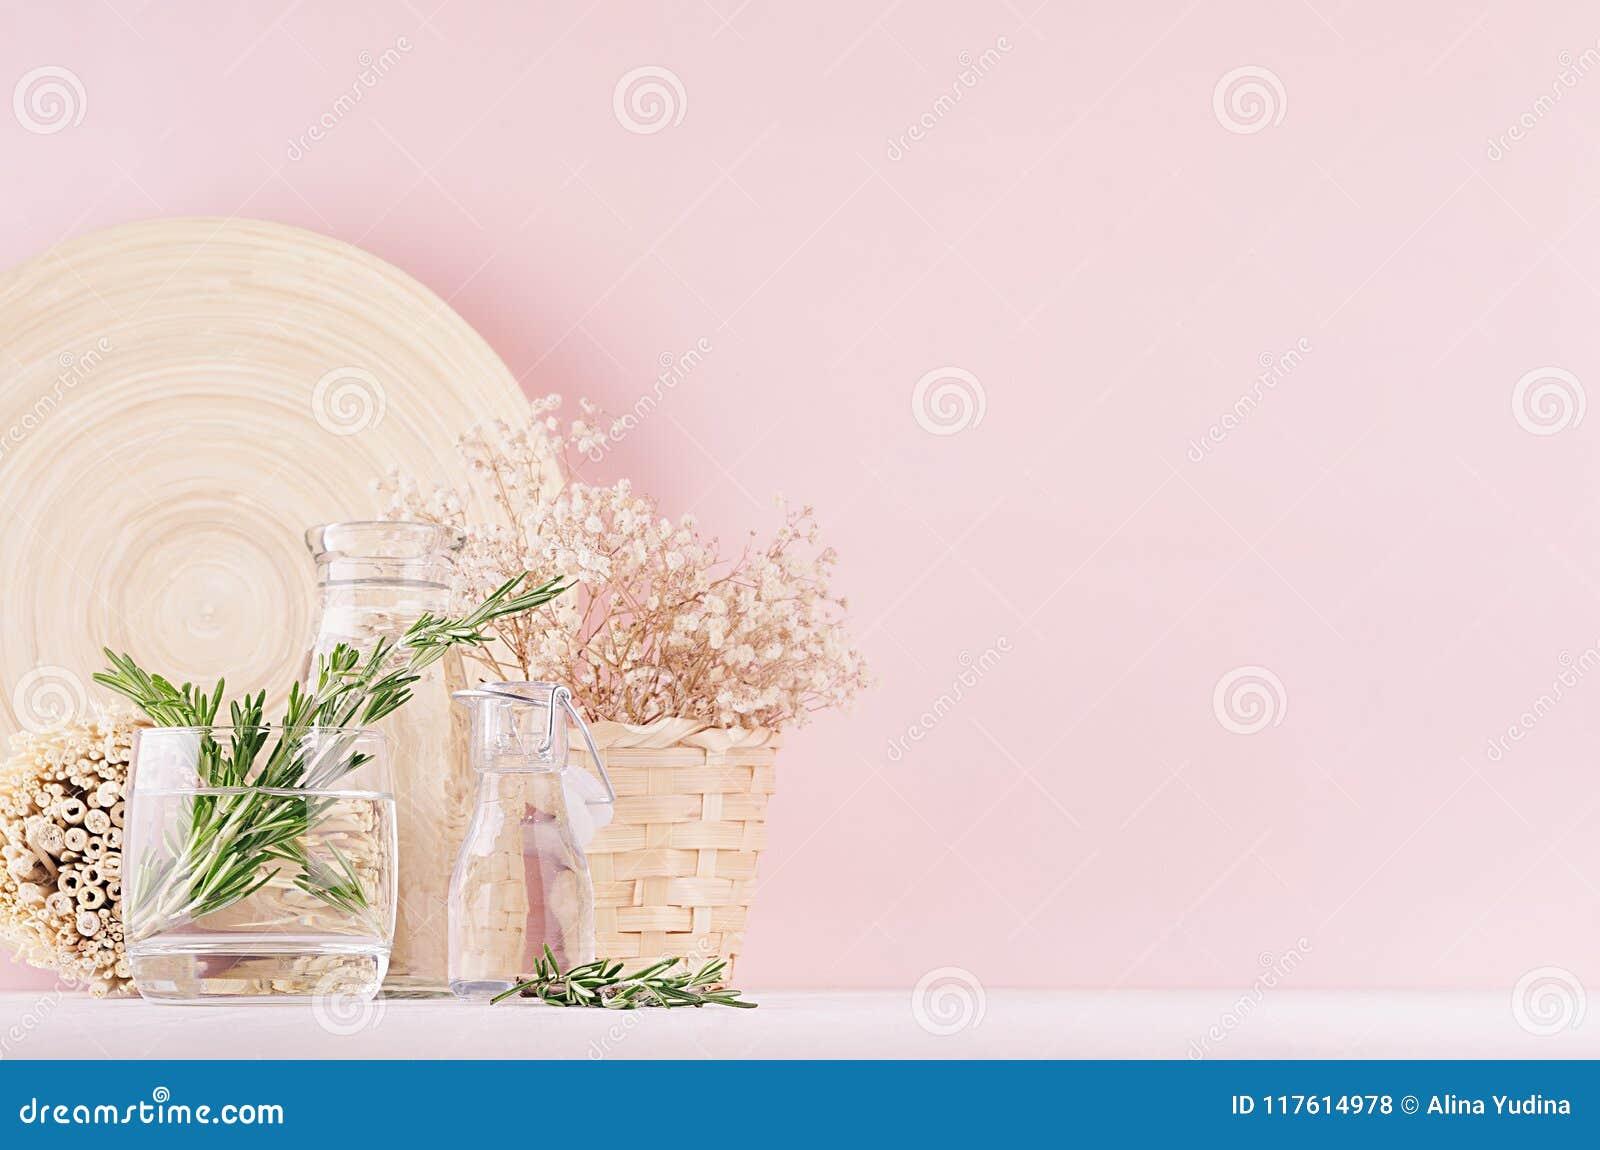 Современный мягкий свет - розовый пастельный домашний интерьер с зеленым растением, высушенными белыми цветками, бежевой бамбуков